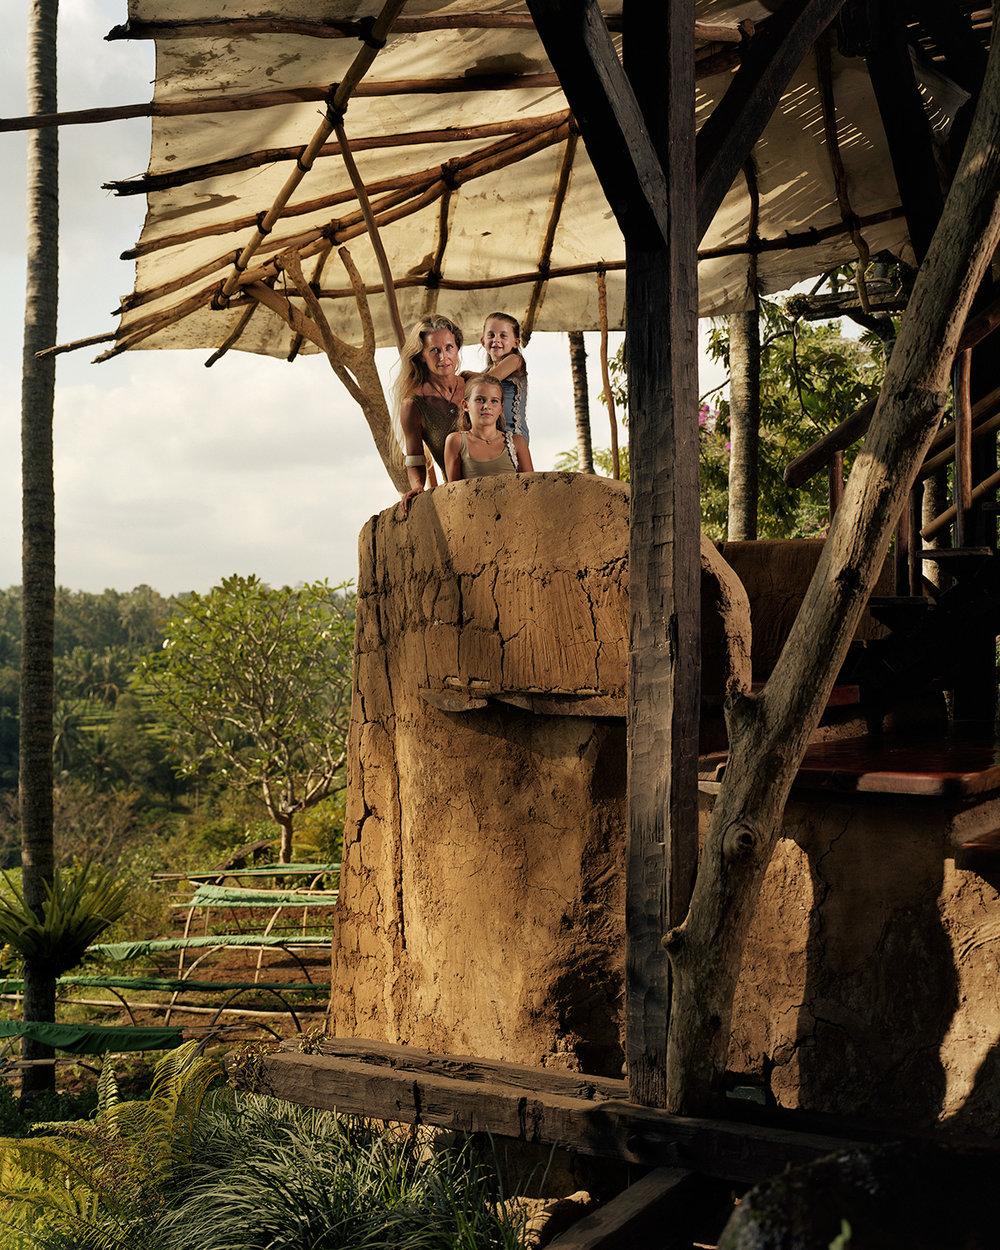 John Hardy's Bali Farm - Cynthia, Carina and Chiara Hardy - Ubud, Bali